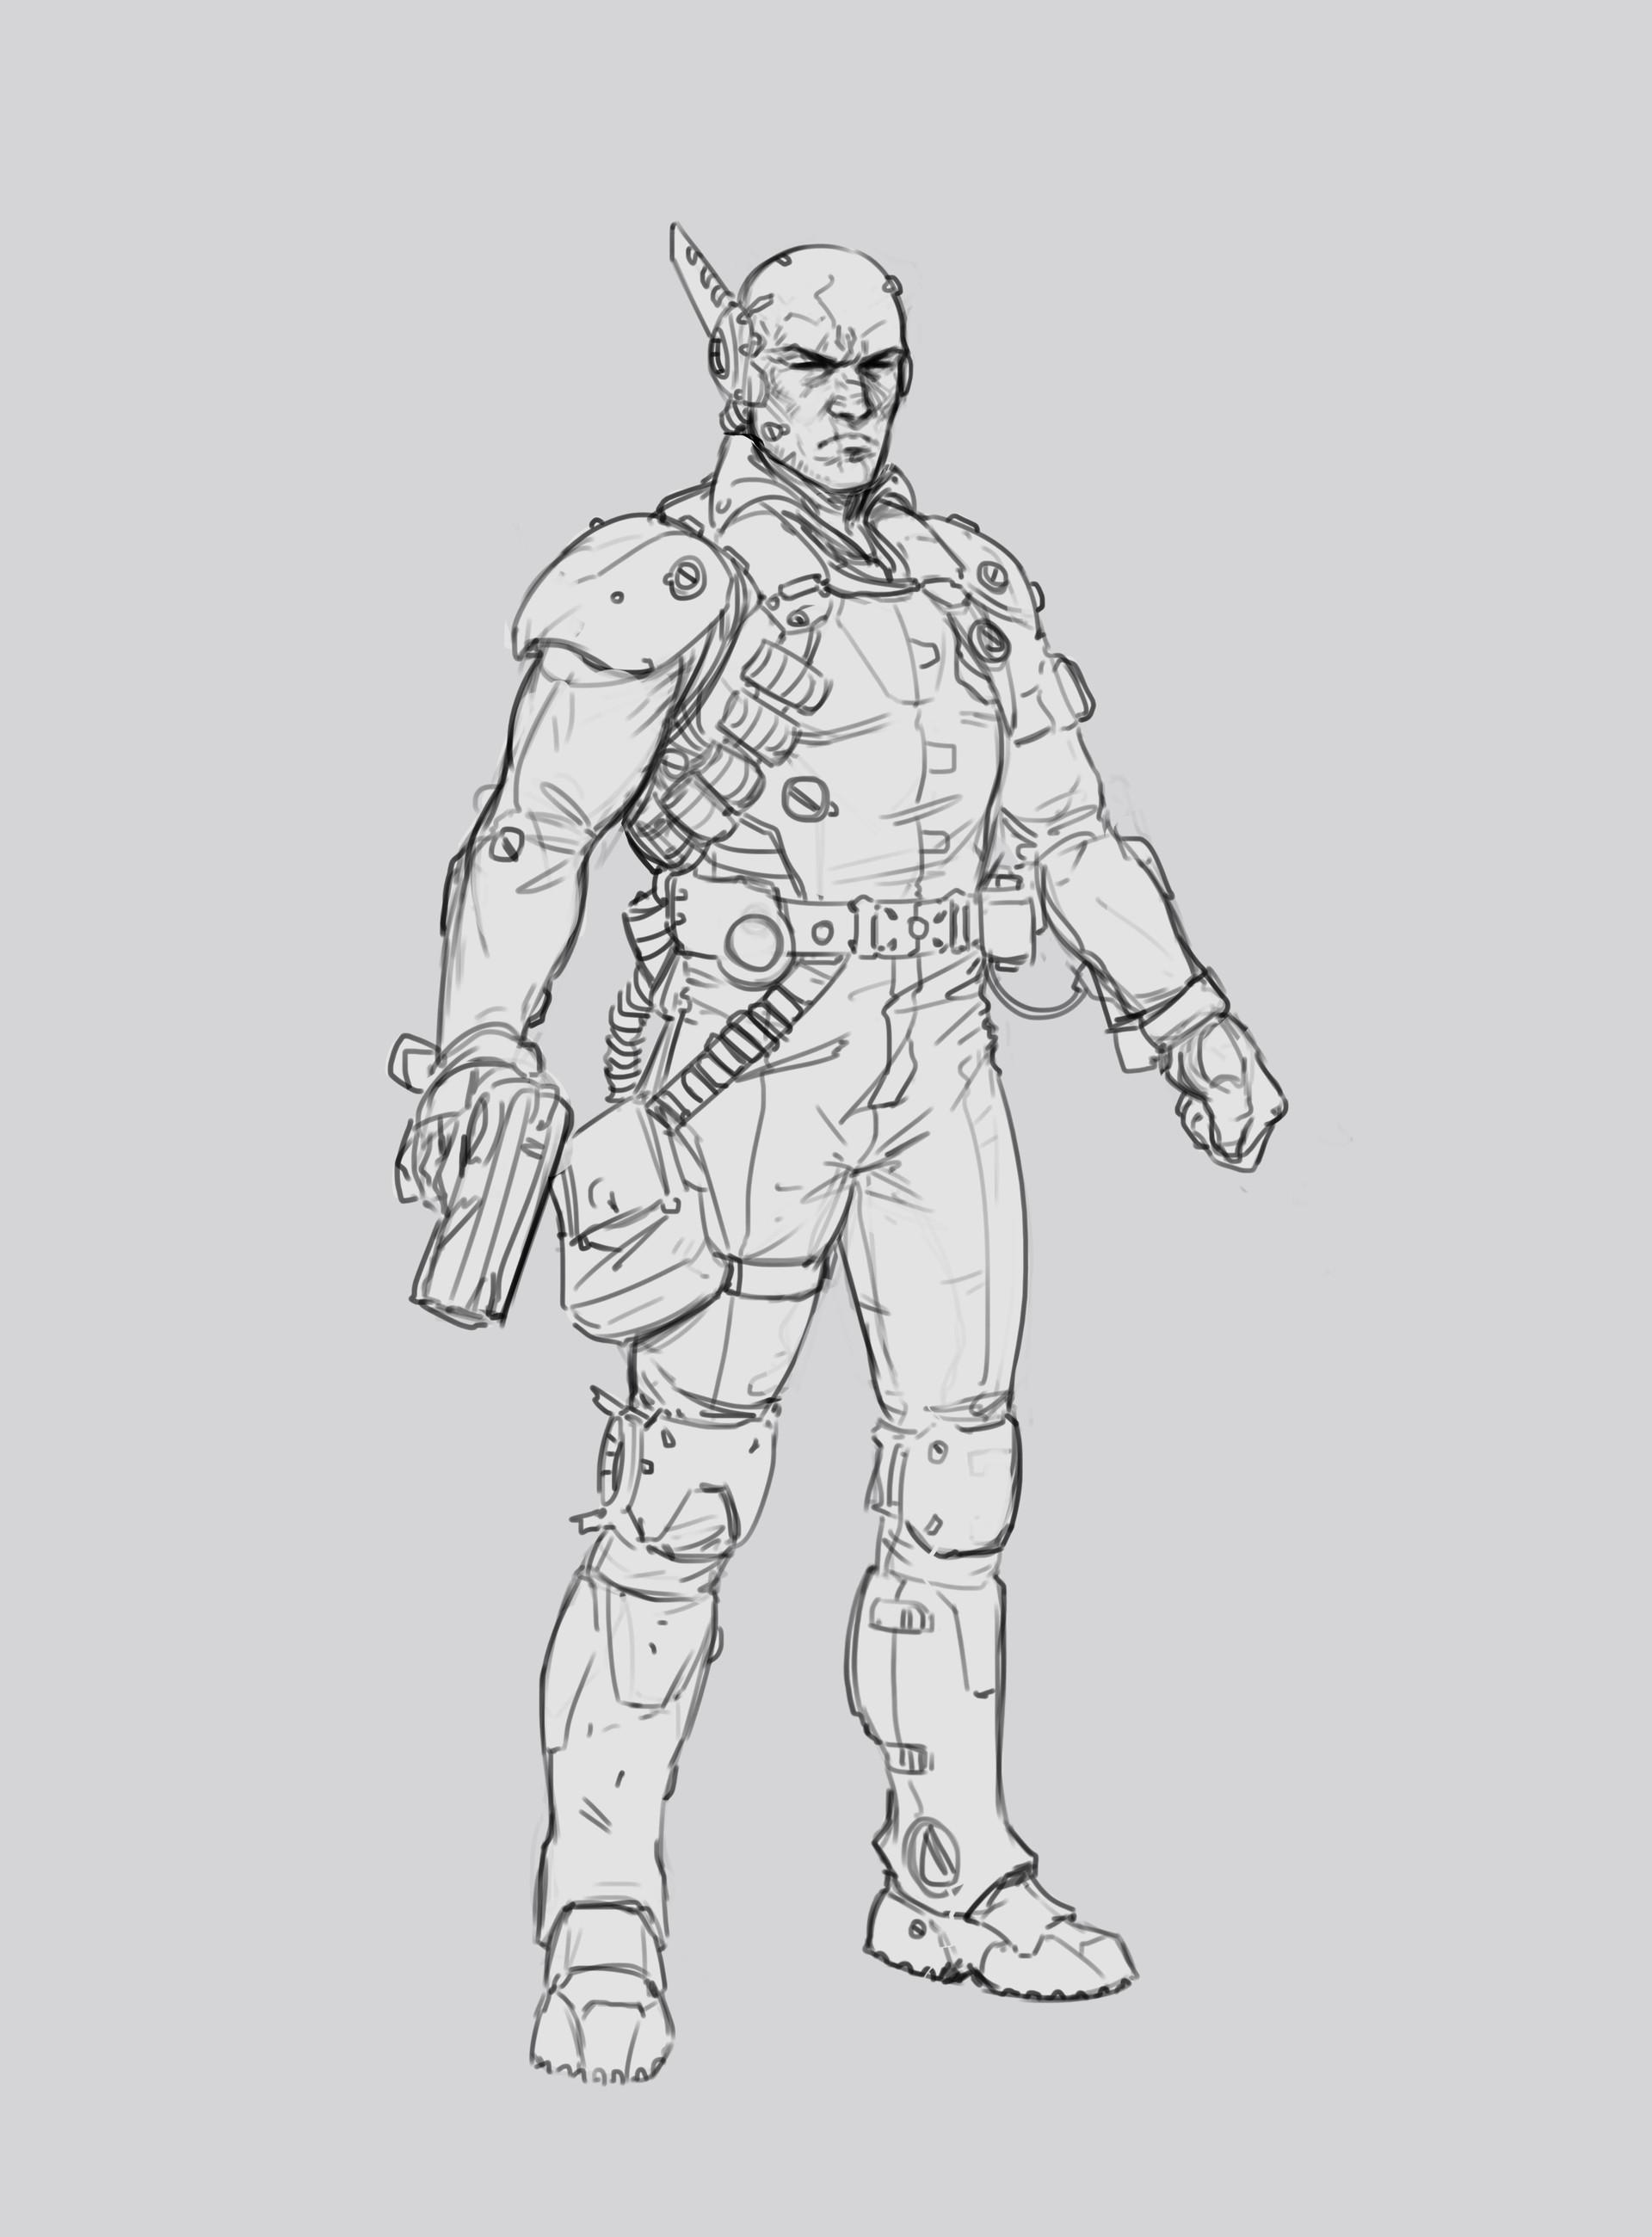 Salvador trakal sketch42